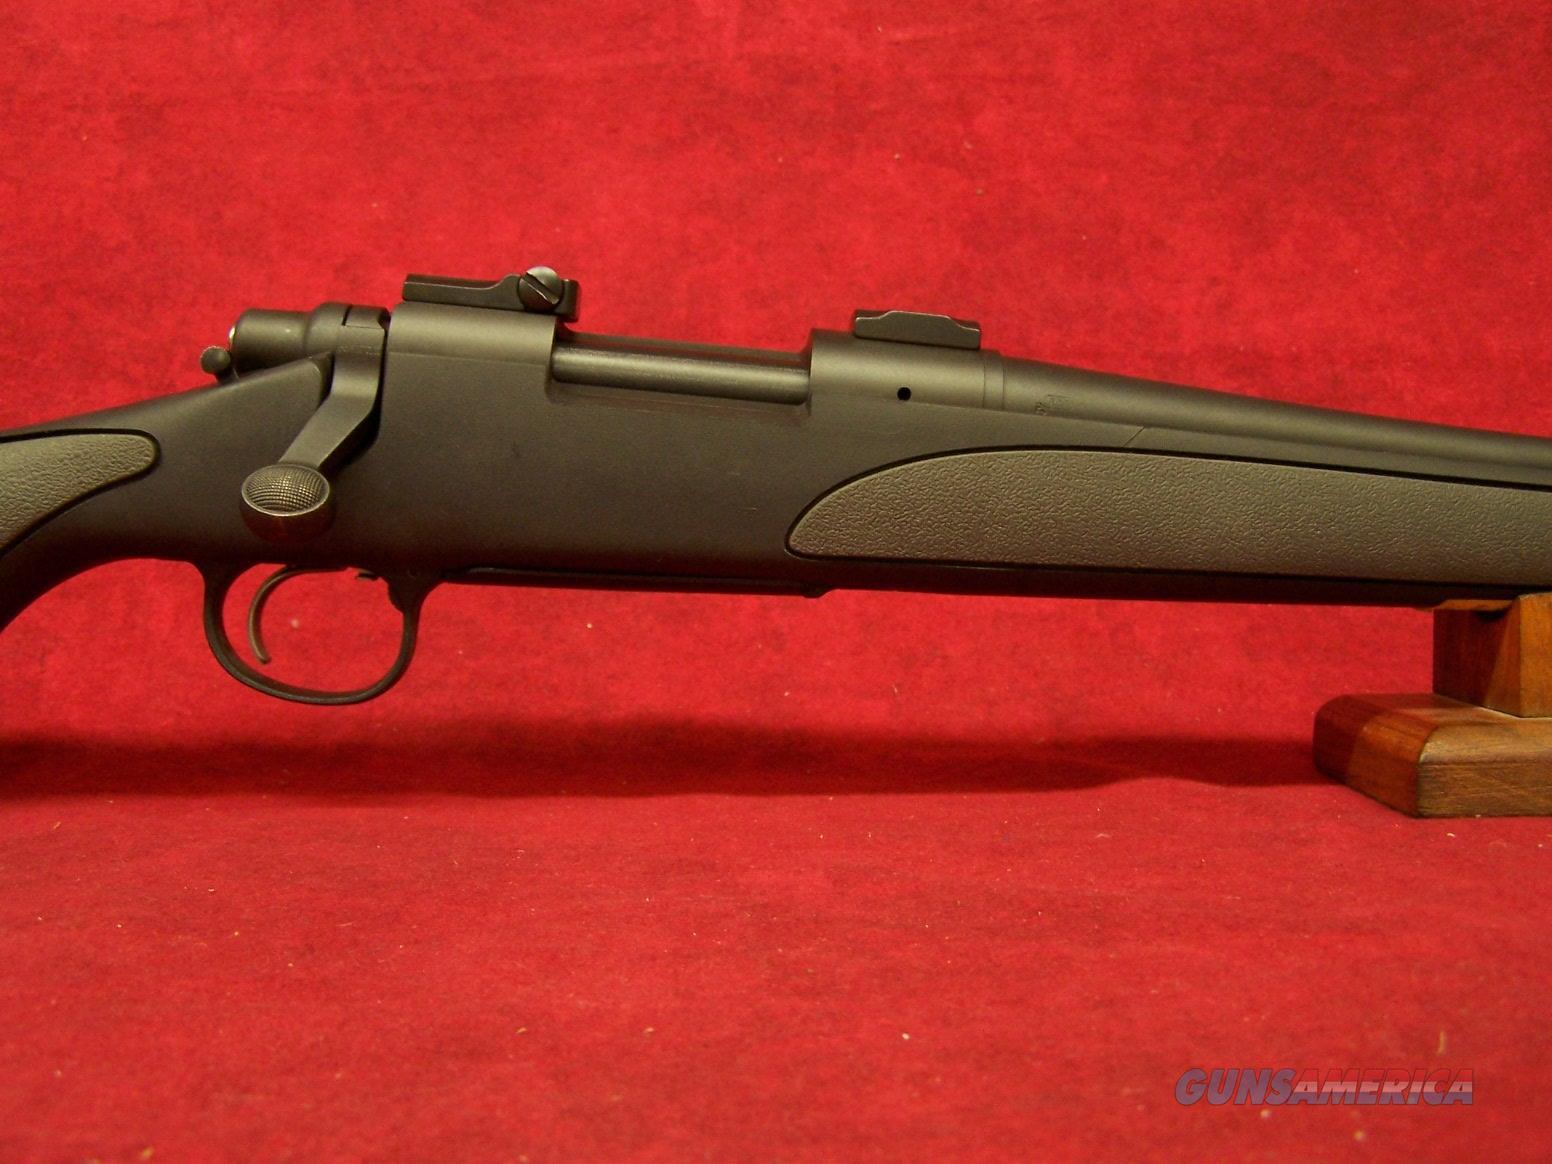 """Remington 700 SPS .308 Win 24""""   Guns > Rifles > Remington Rifles - Modern > Model 700 > Sporting"""